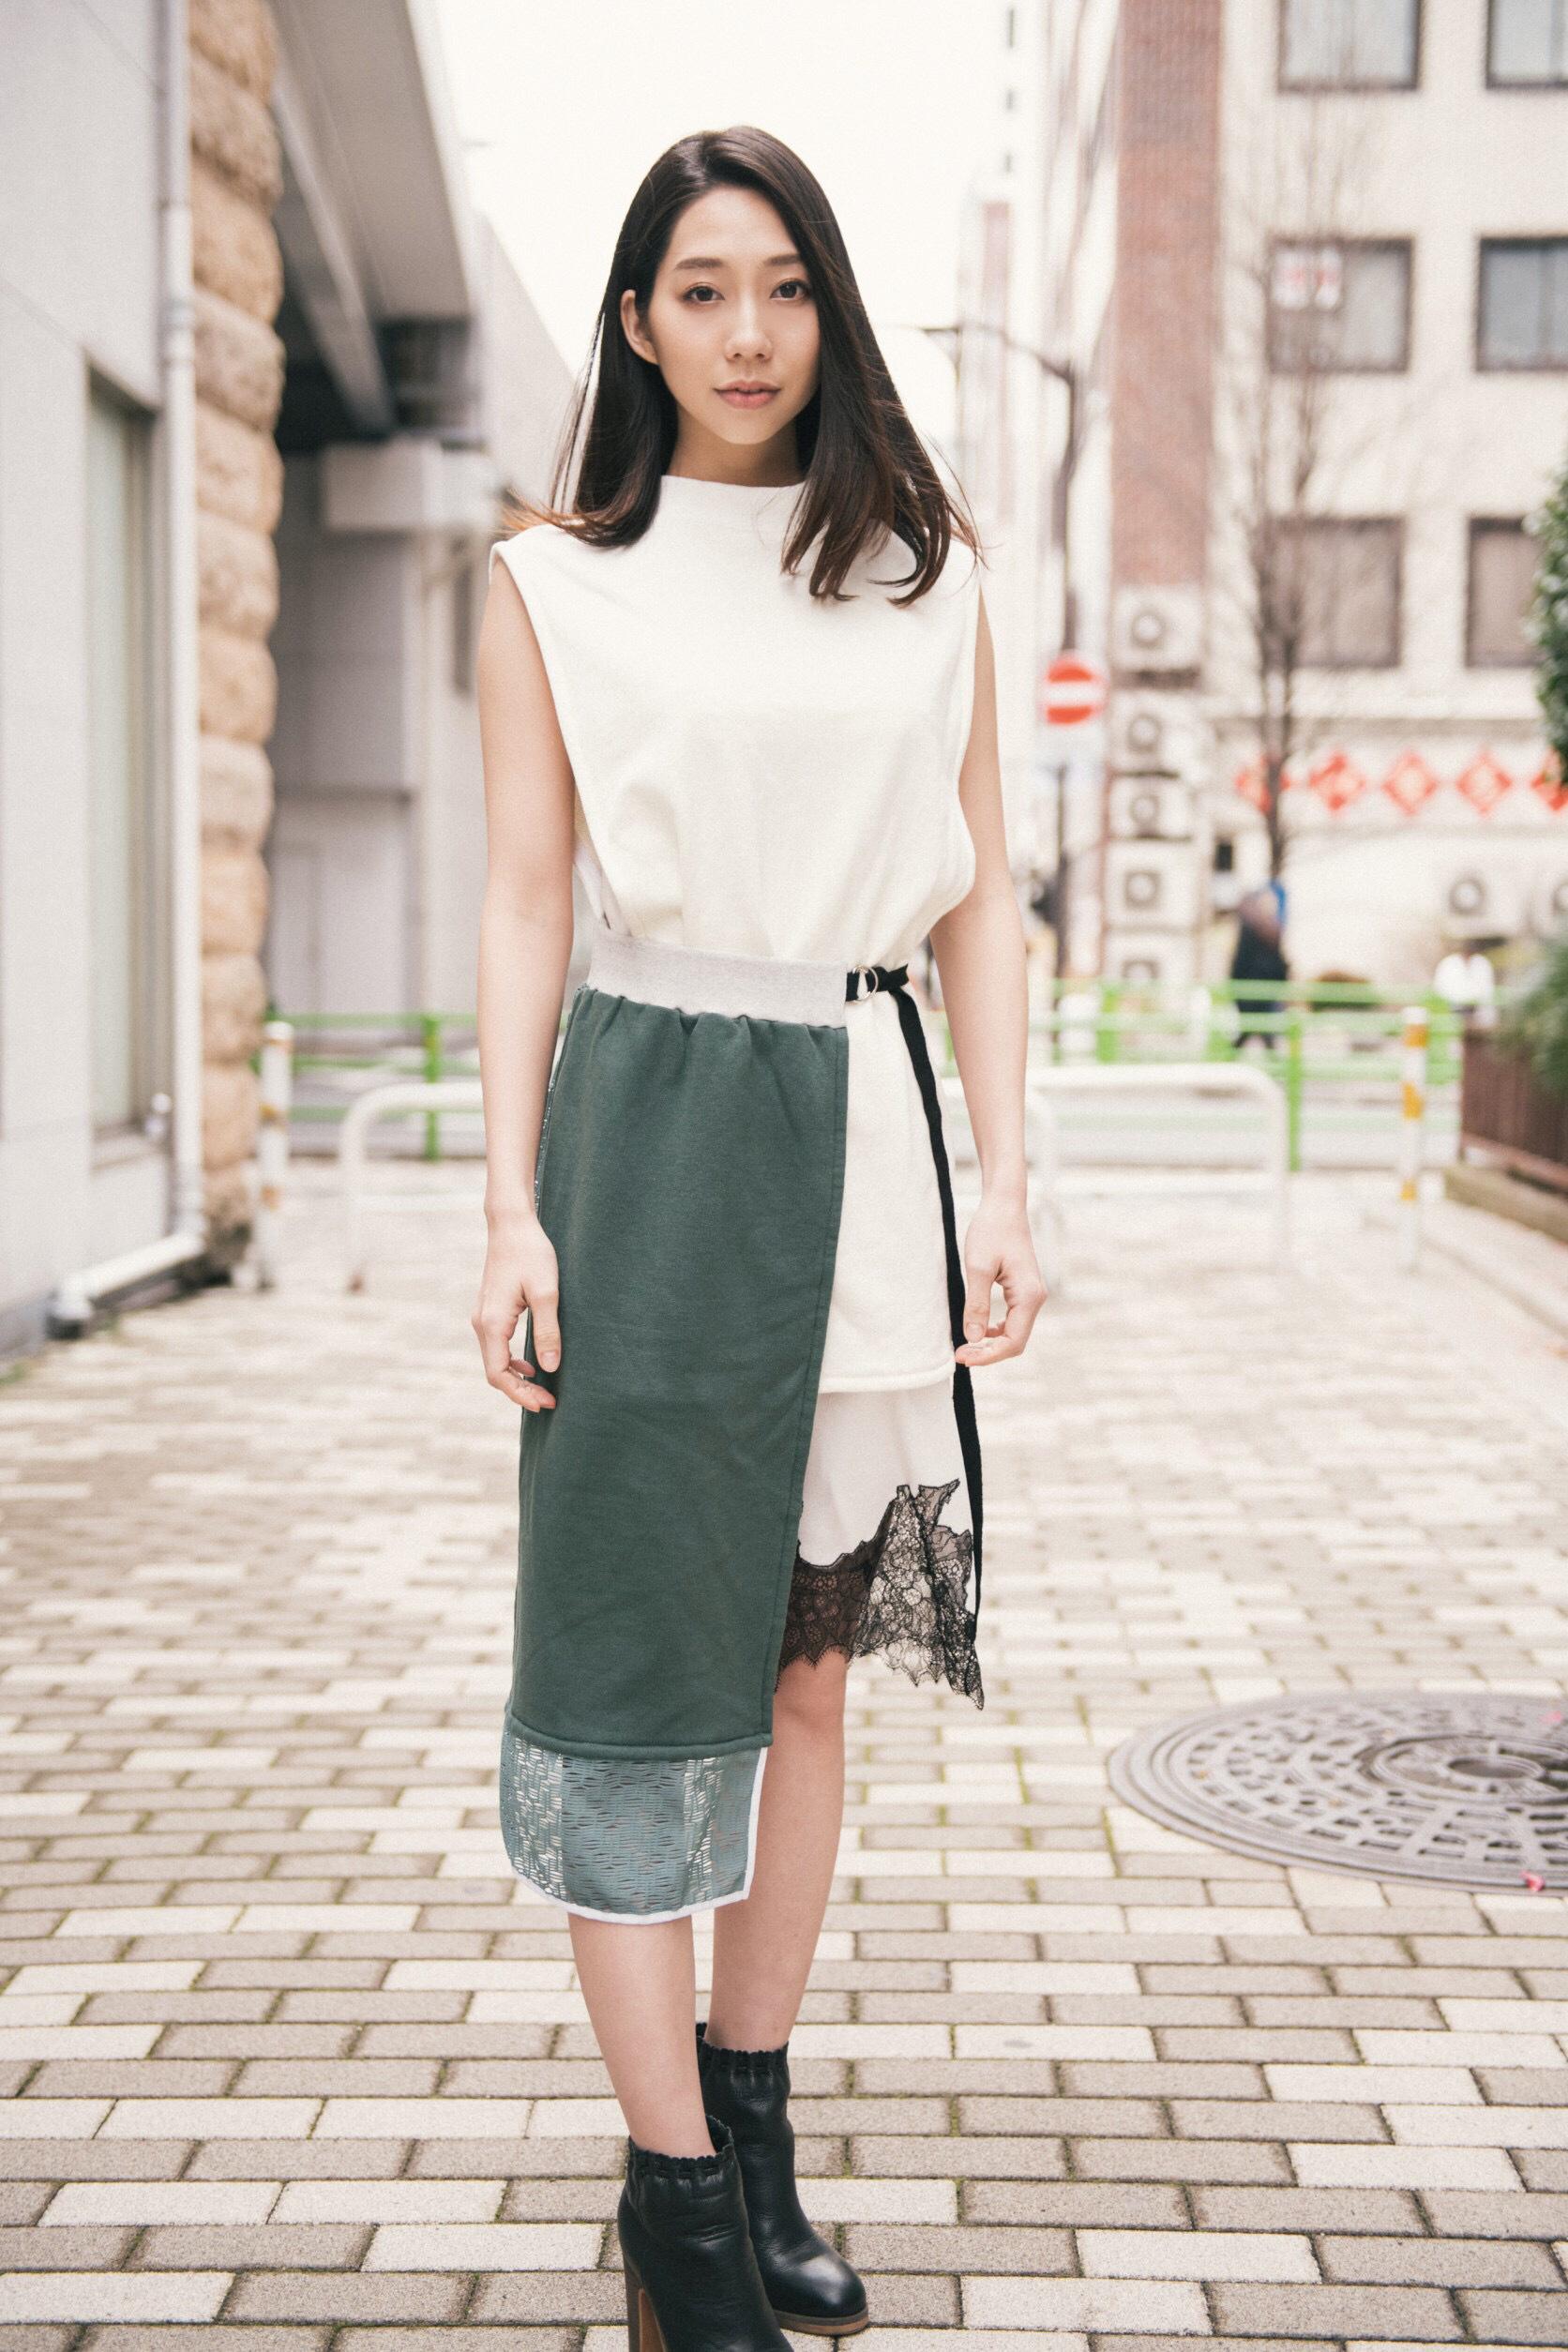 koizumi_maya175.jpg